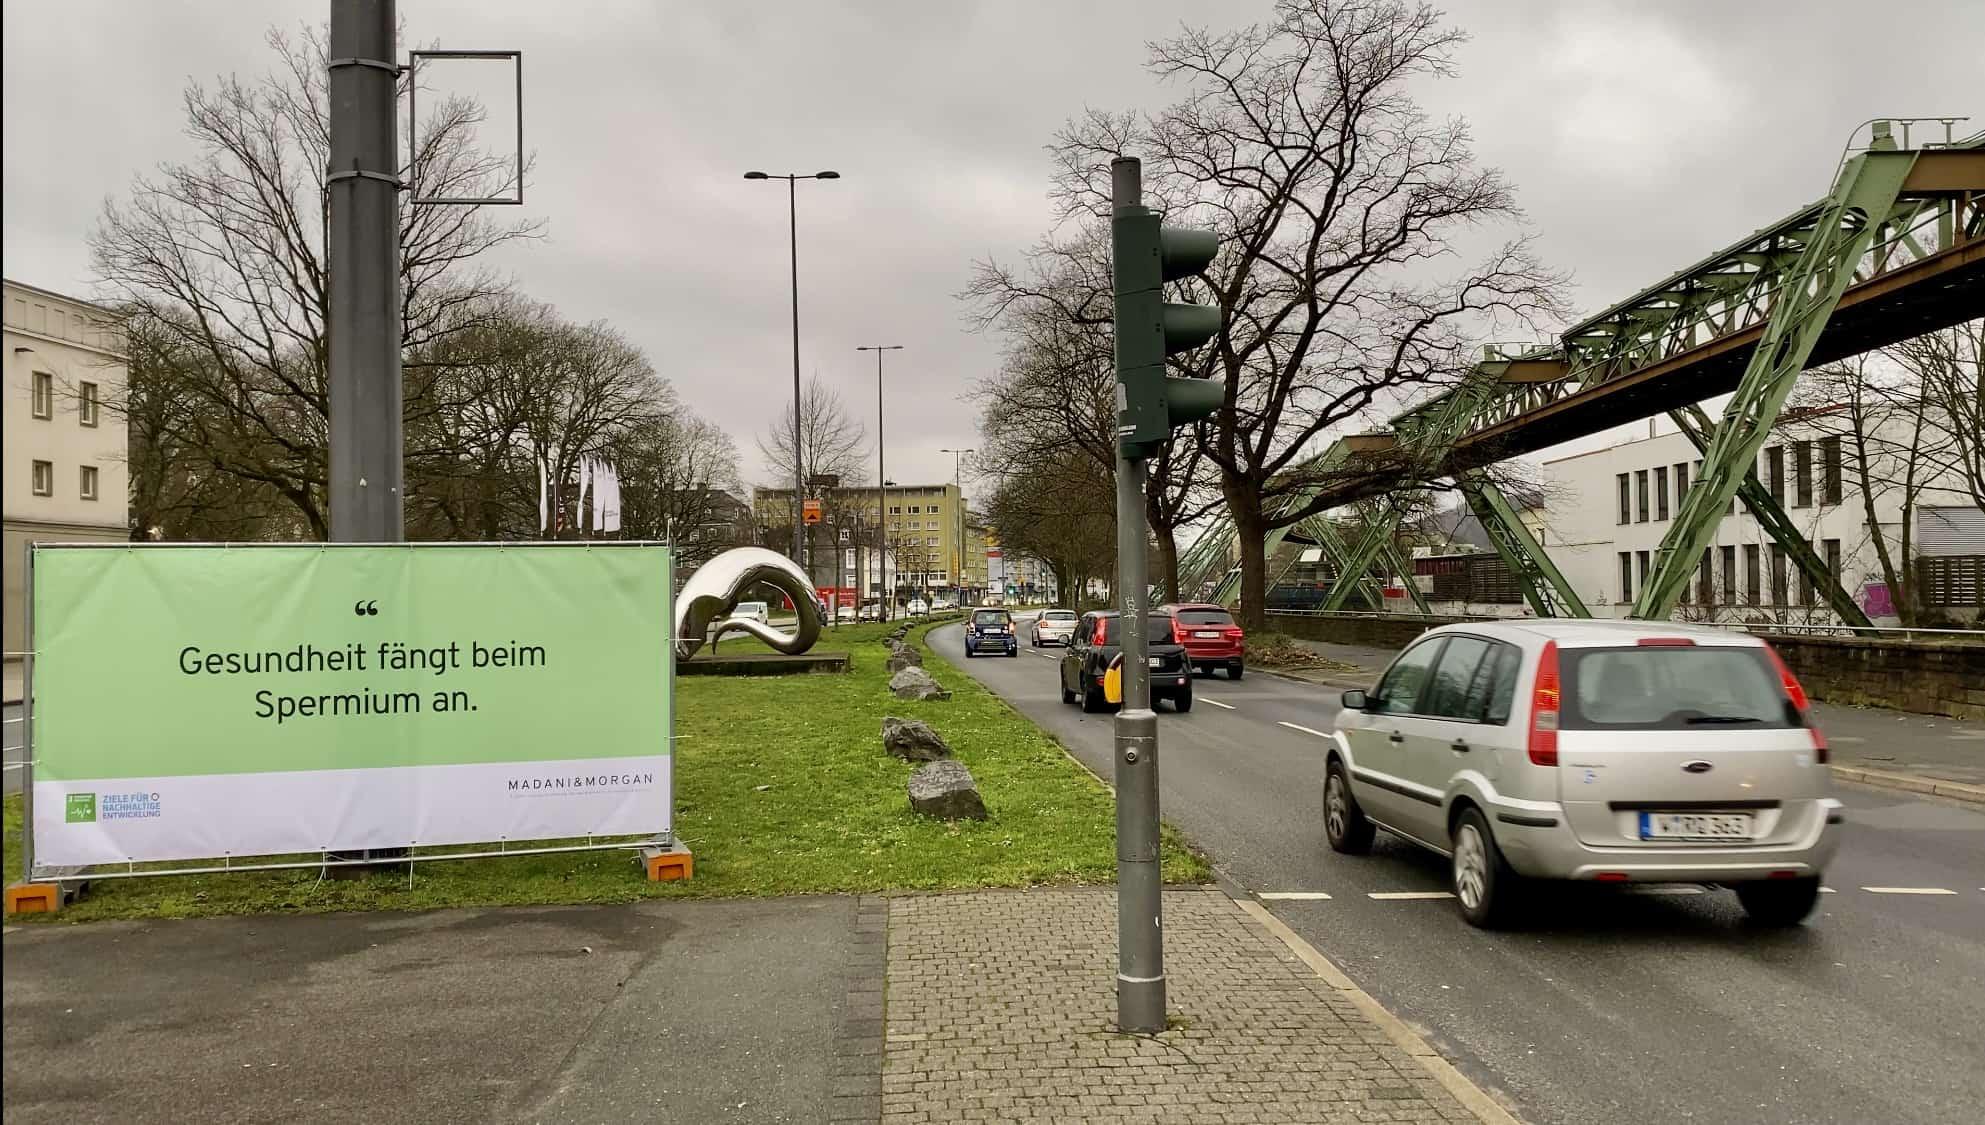 Ein Banner erinnert vor dem Opernhaus an das Nachhaltigskeitsziel